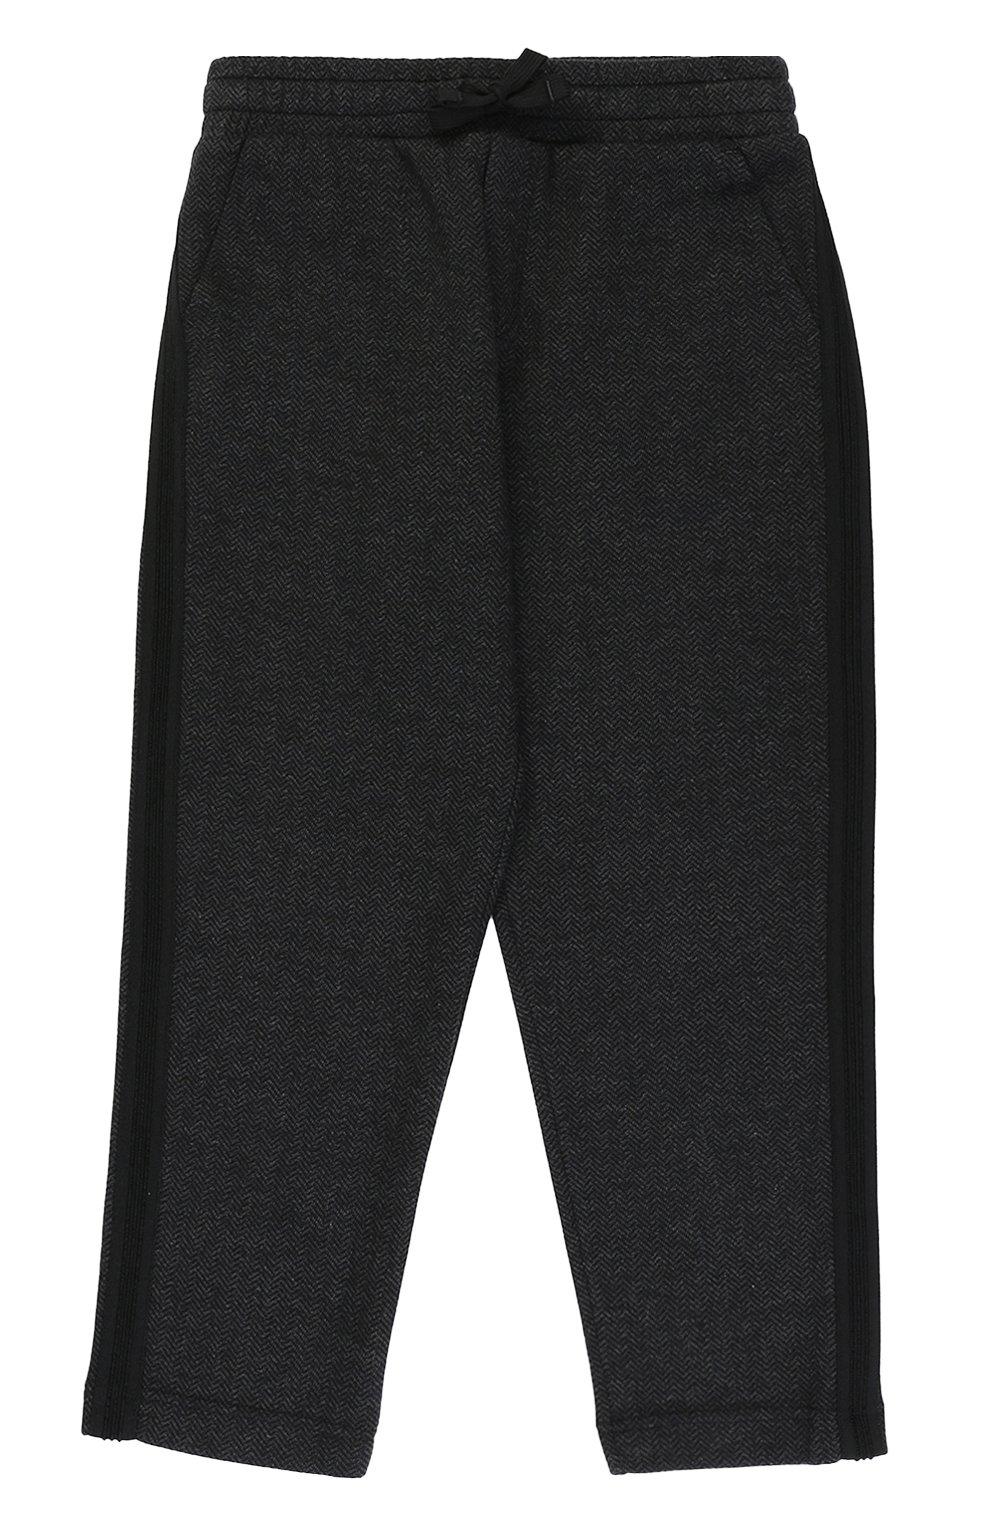 Хлопковые брюки прямого кроя с лампасами на кулиске   Фото №1